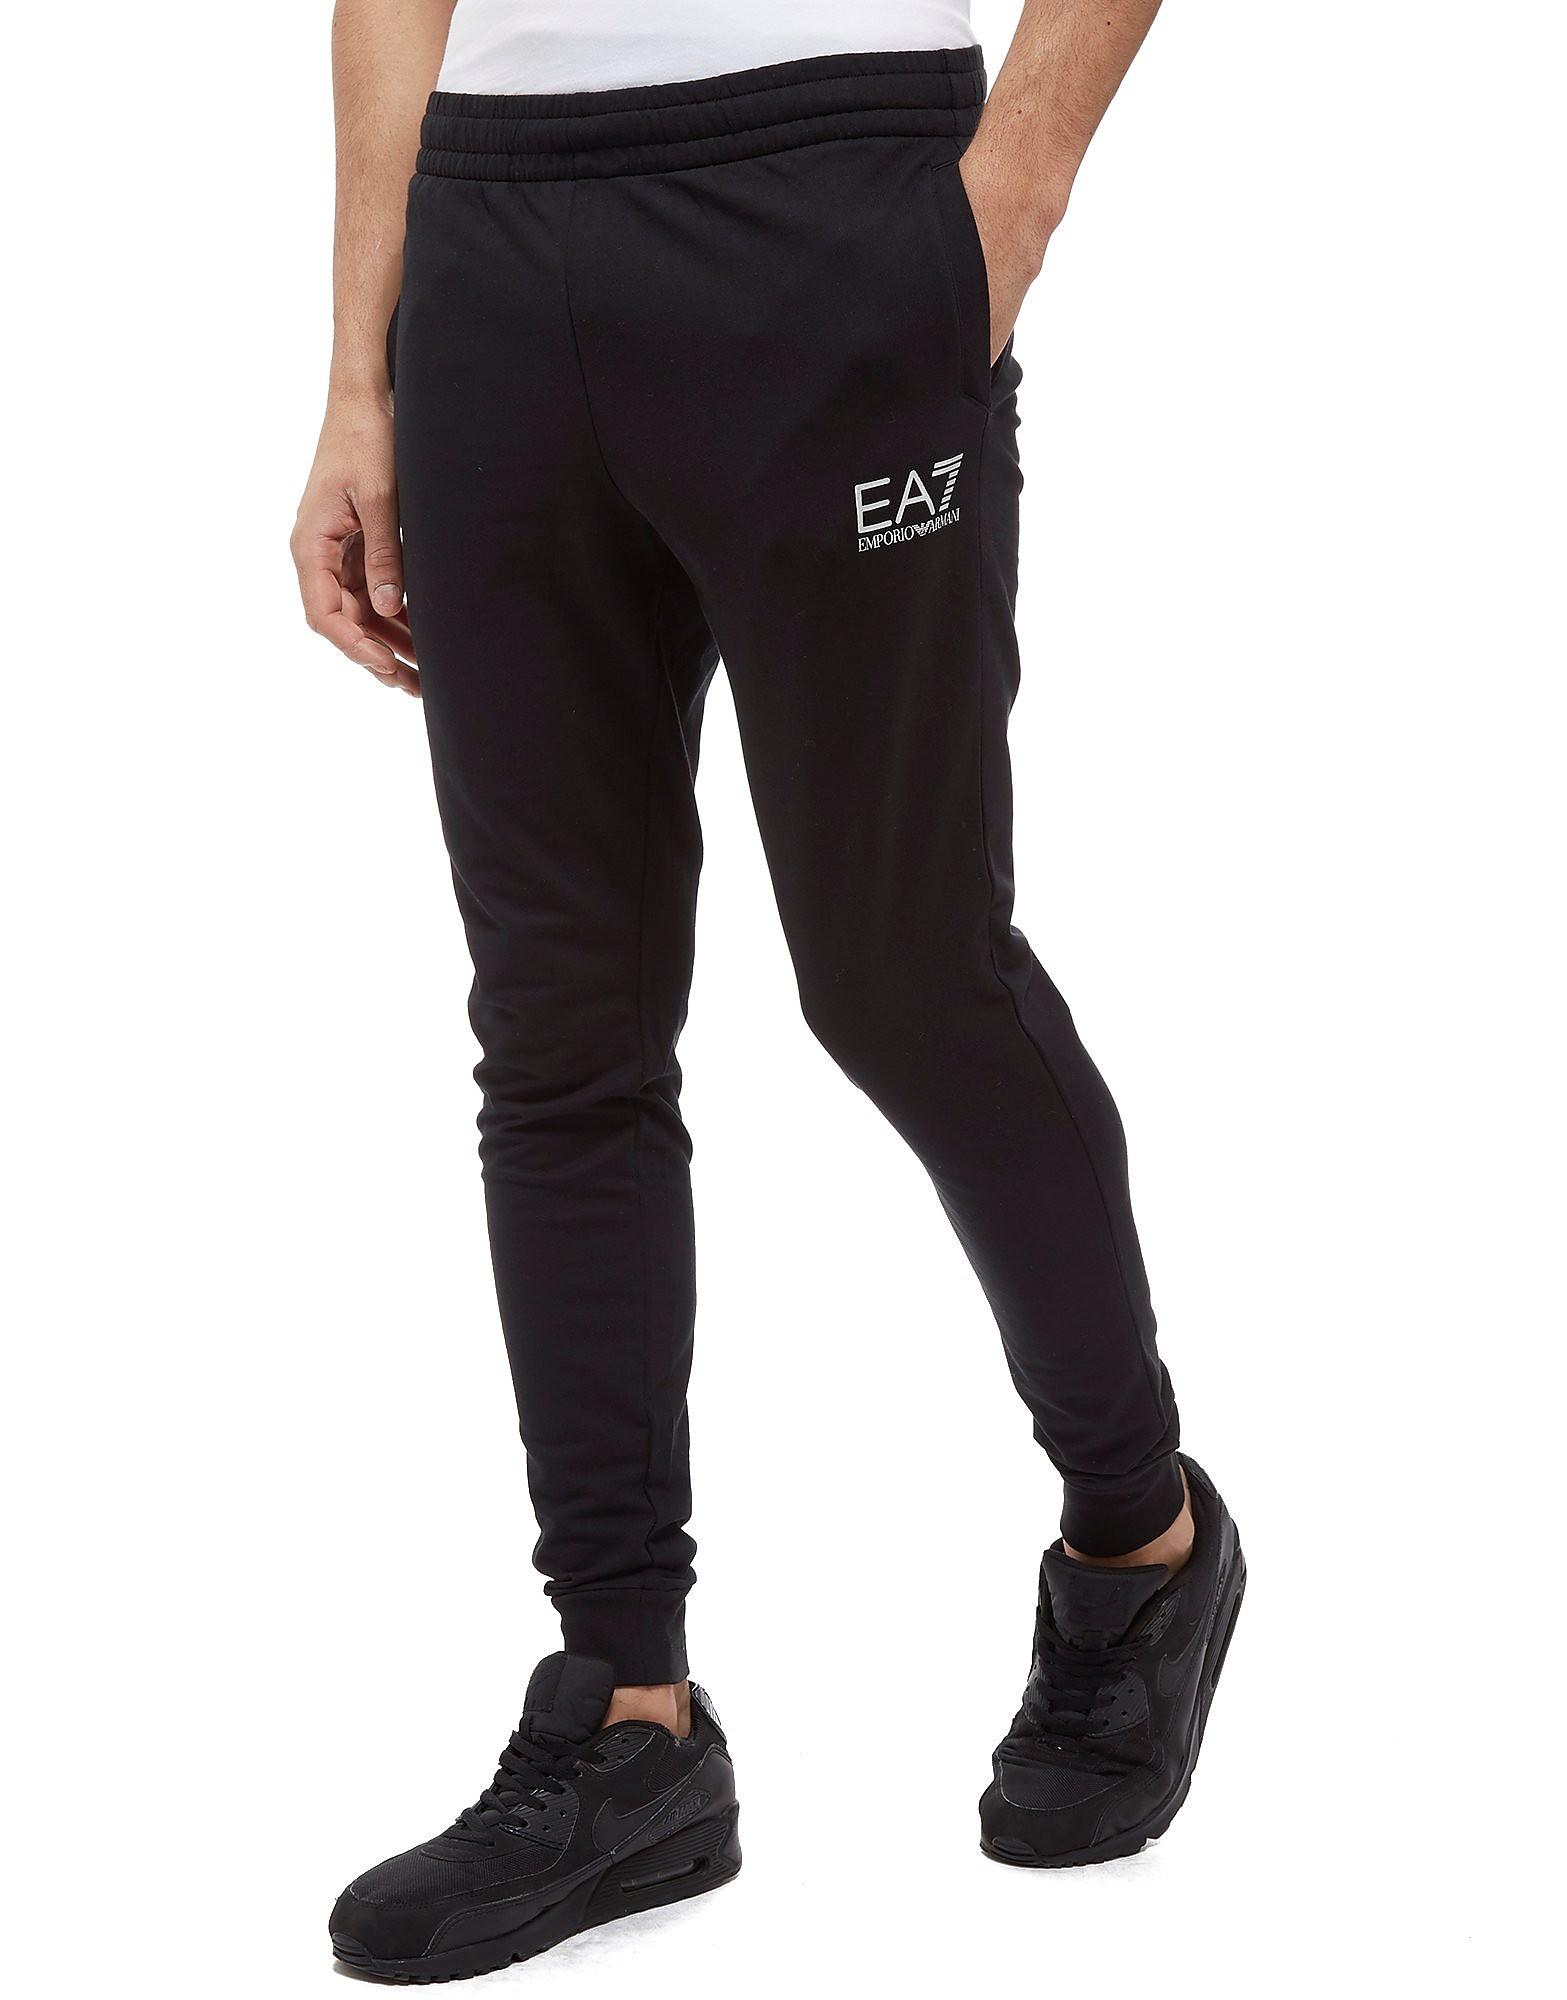 Emporio Armani EA7 Pantalon de survêtement Core Fleece Pants Homme